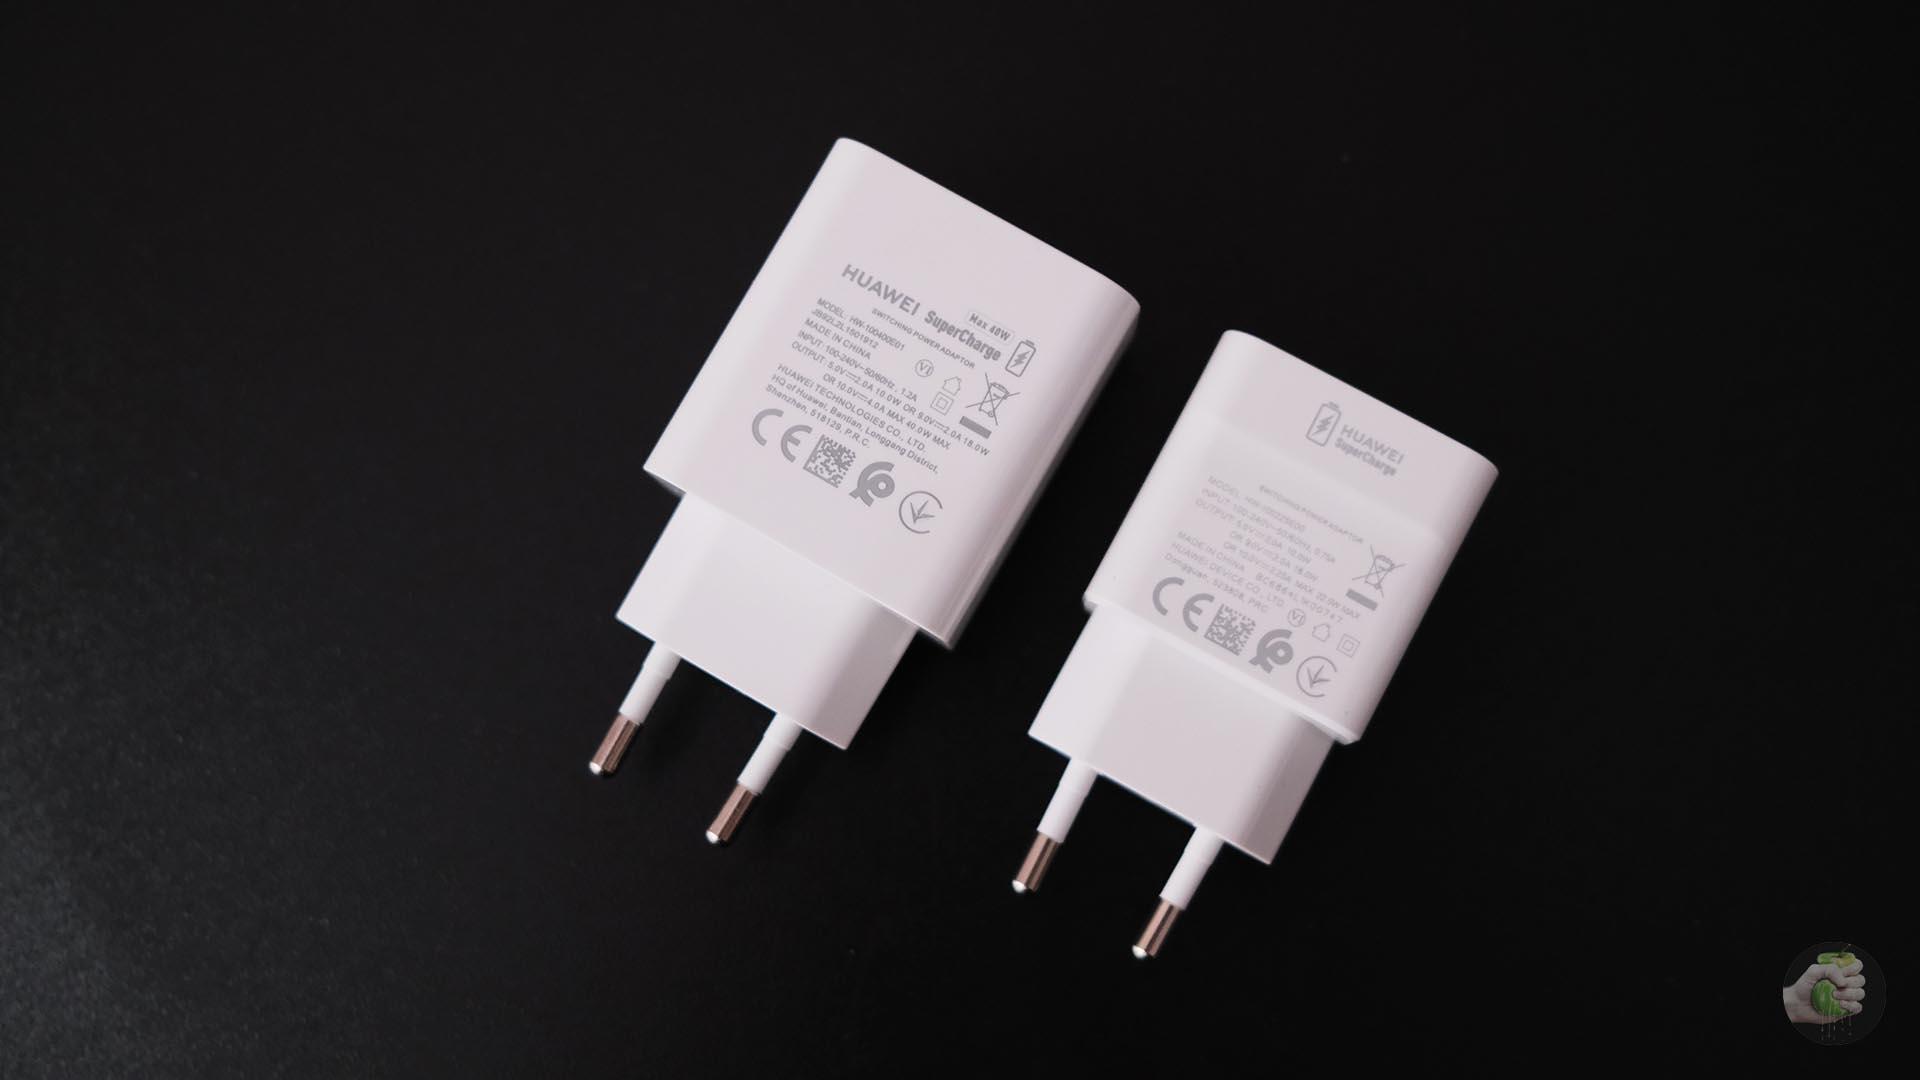 Honor, Huawei, OPPO, vivo иXiaomi договорились осоздании единого стандарта быстрой зарядки